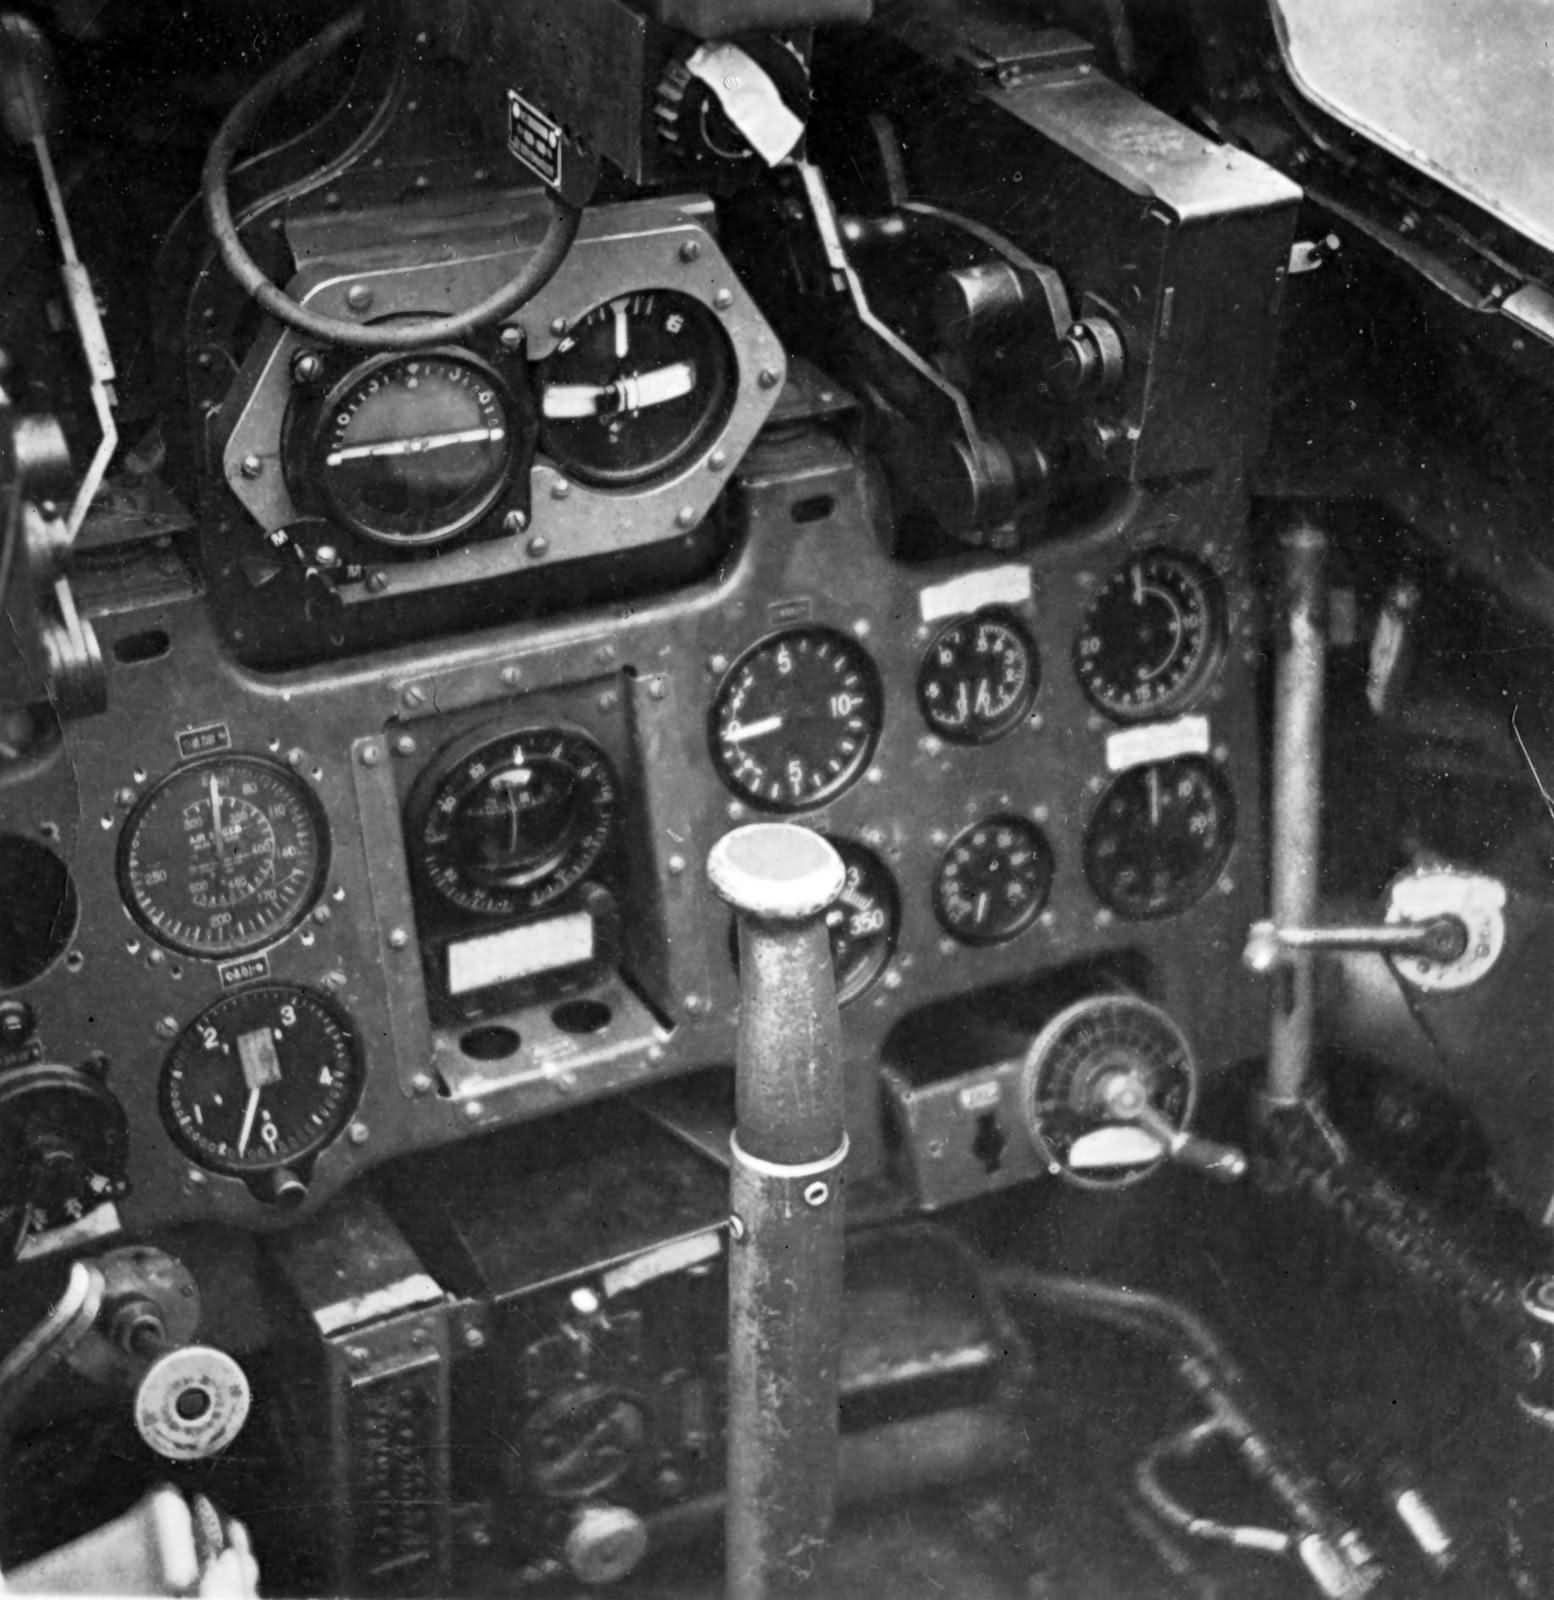 a6m zero cockpit coloring pages - photo #33